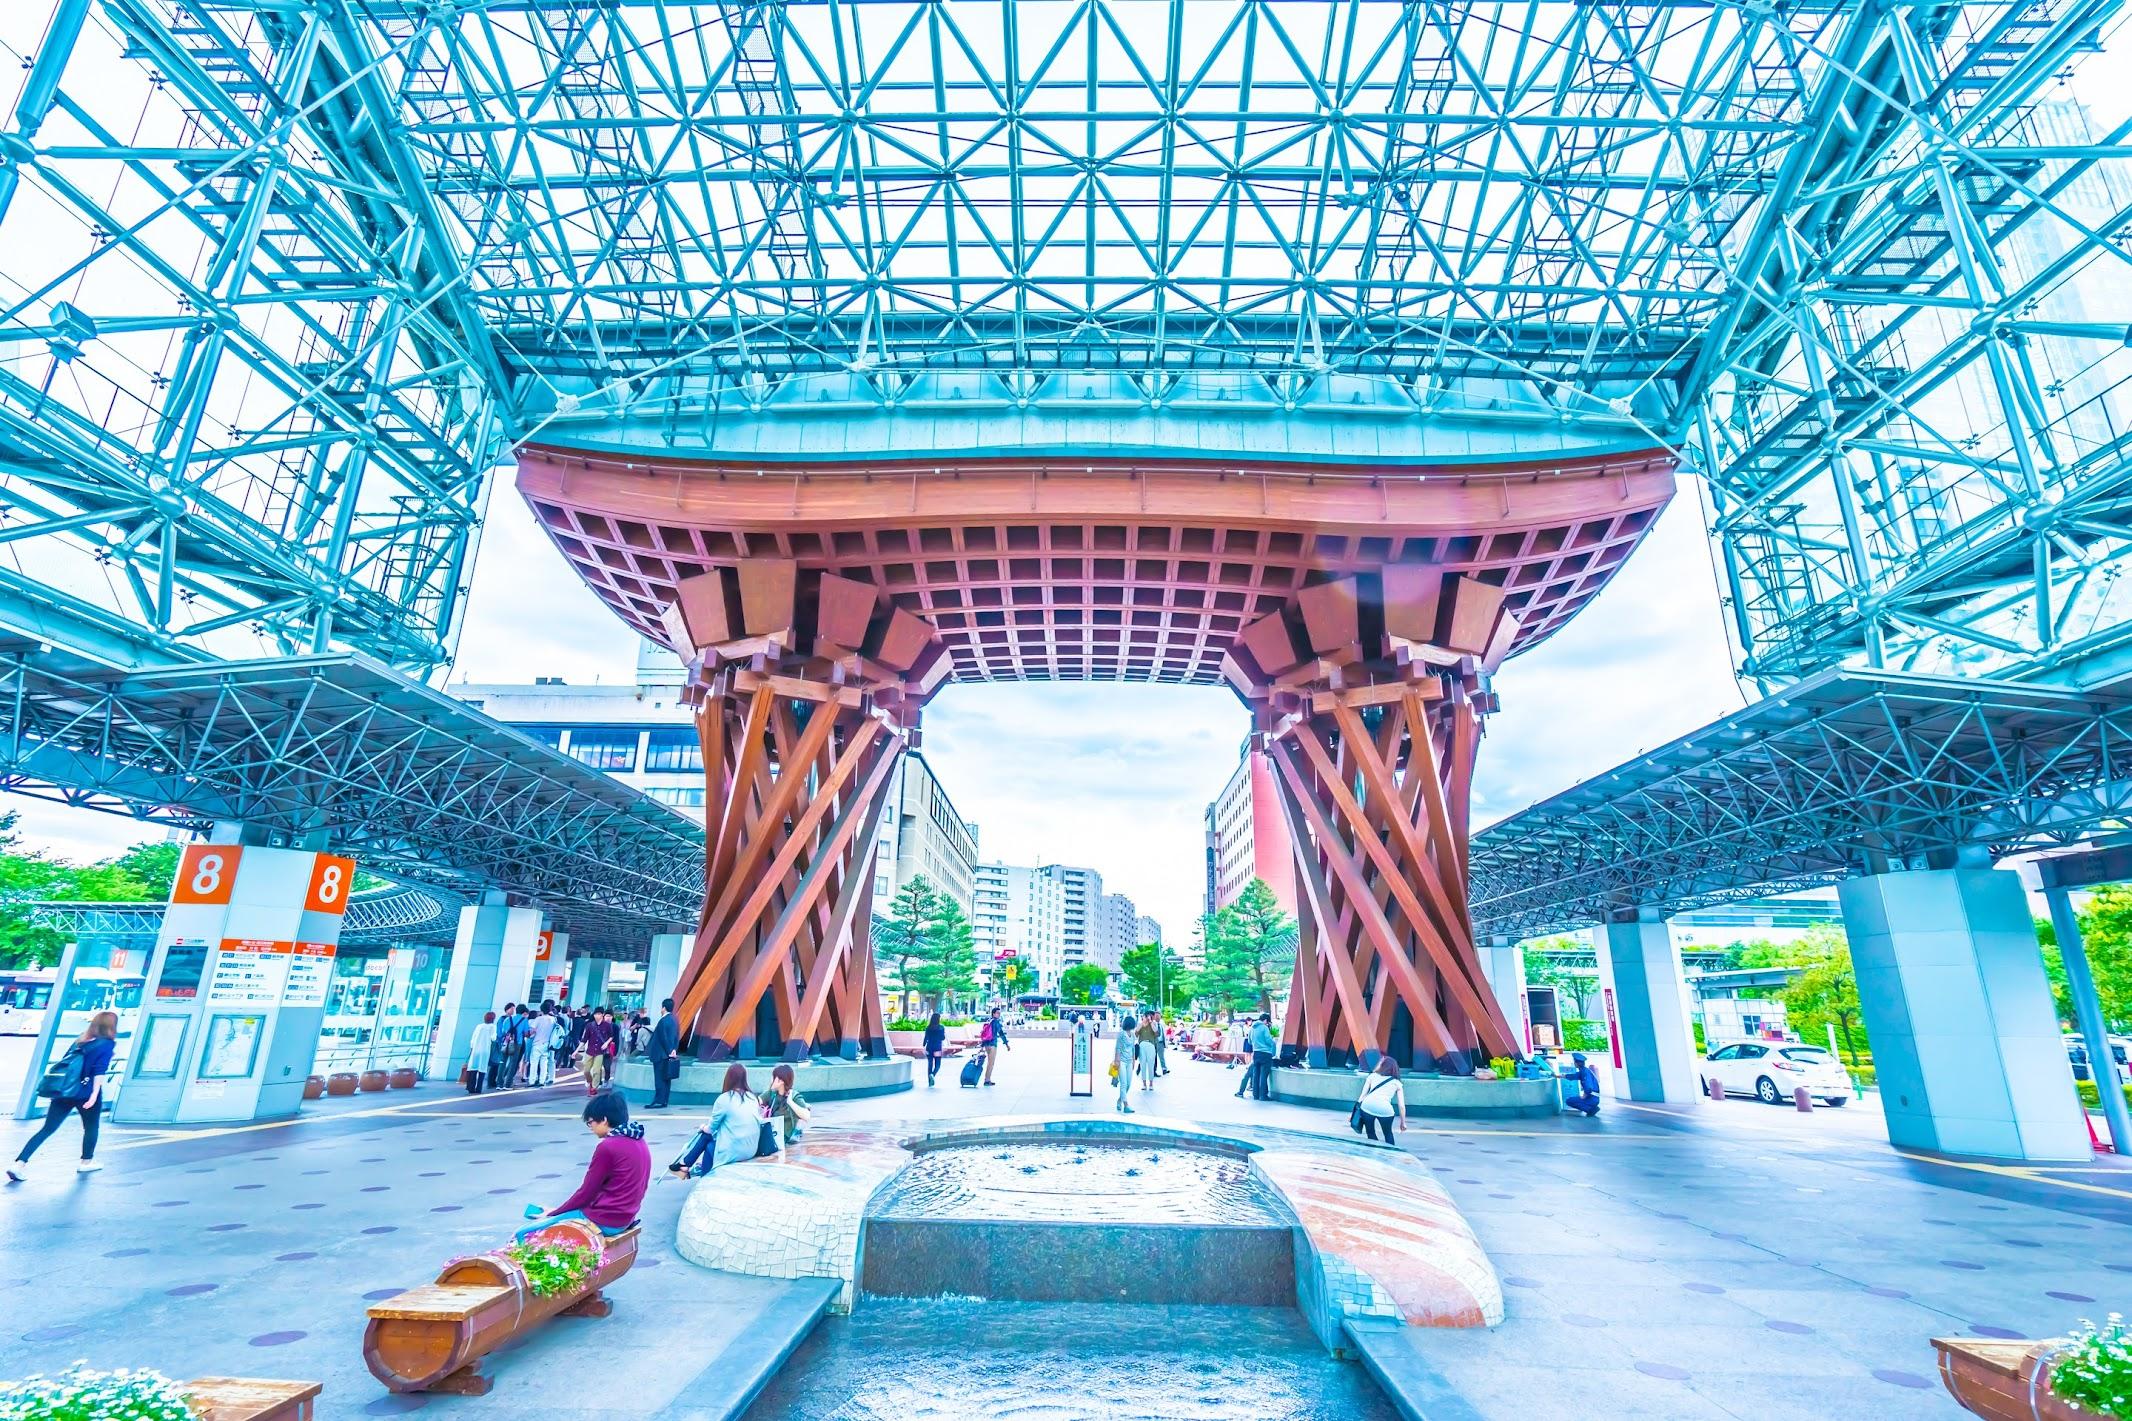 Kanazawa station Tsuzumi-mon Welcome gate (Mote-Nashi Dome)